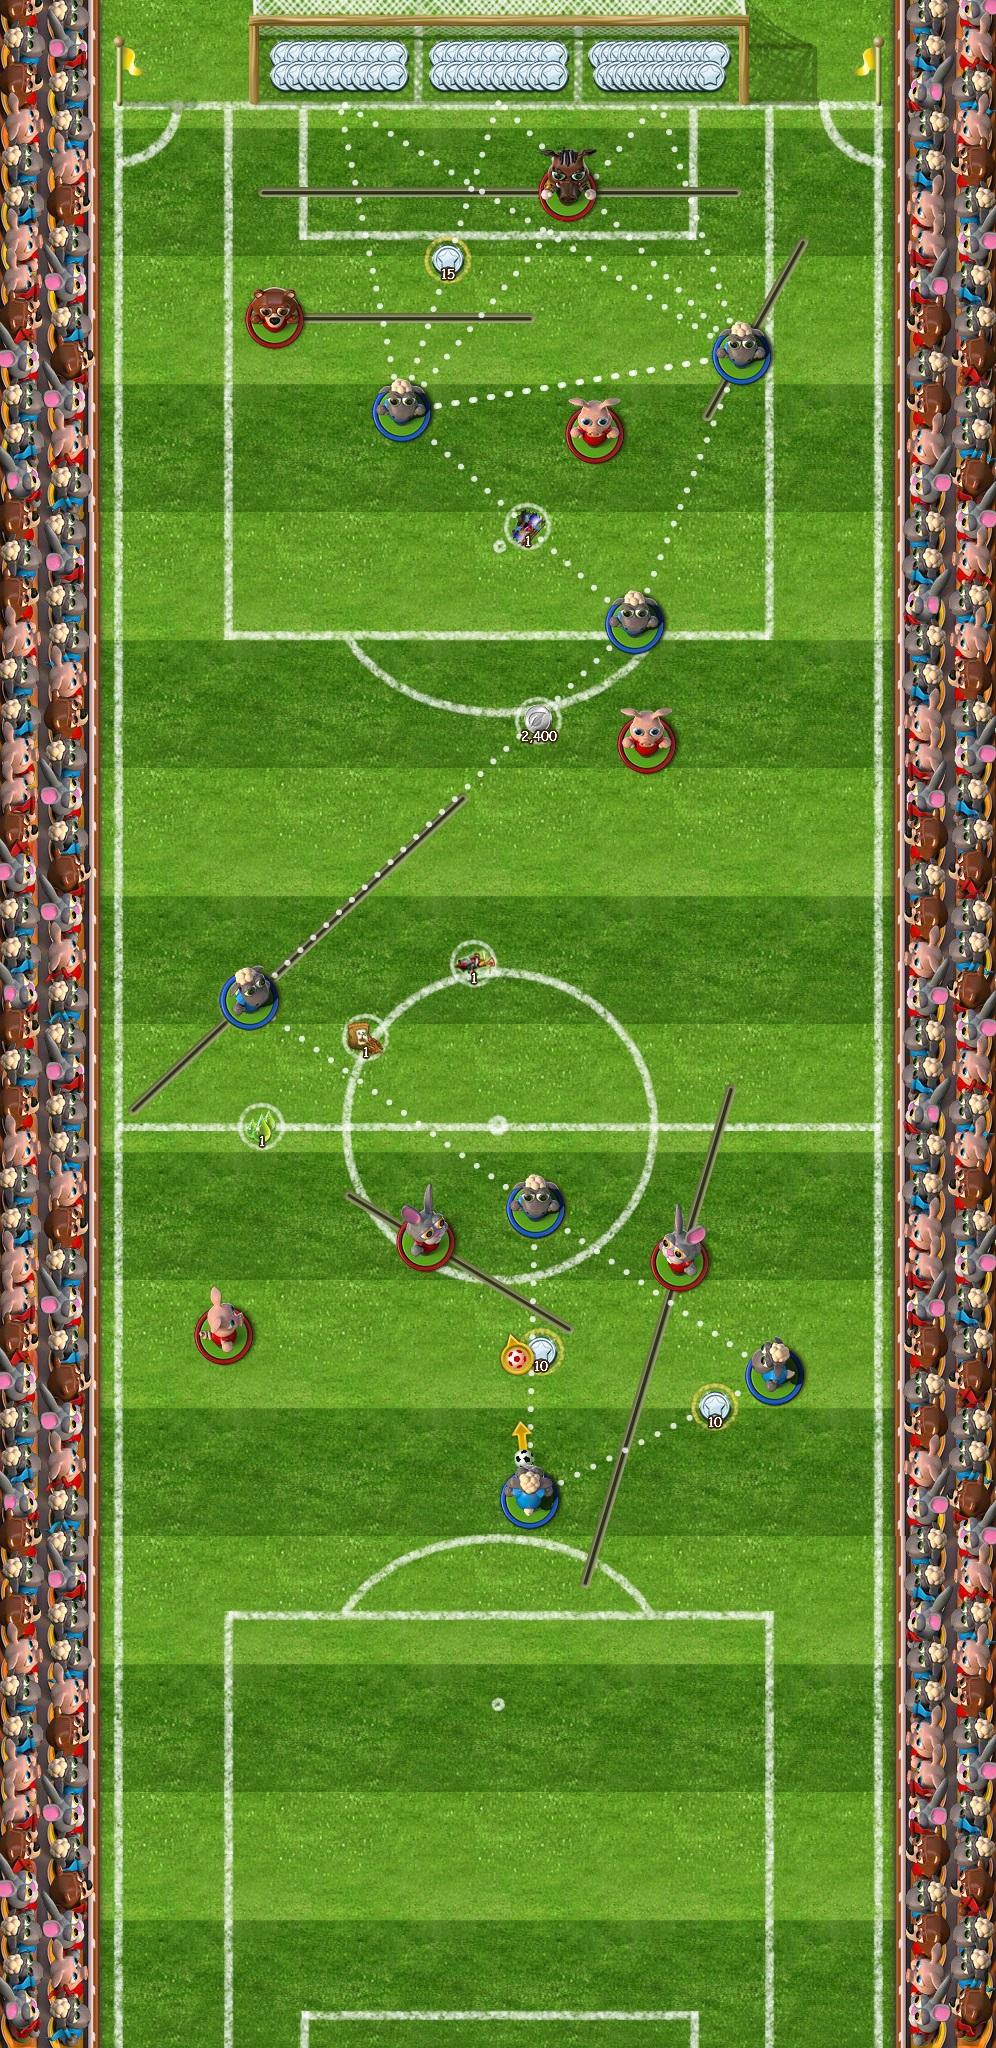 SoccerGame1.jpg